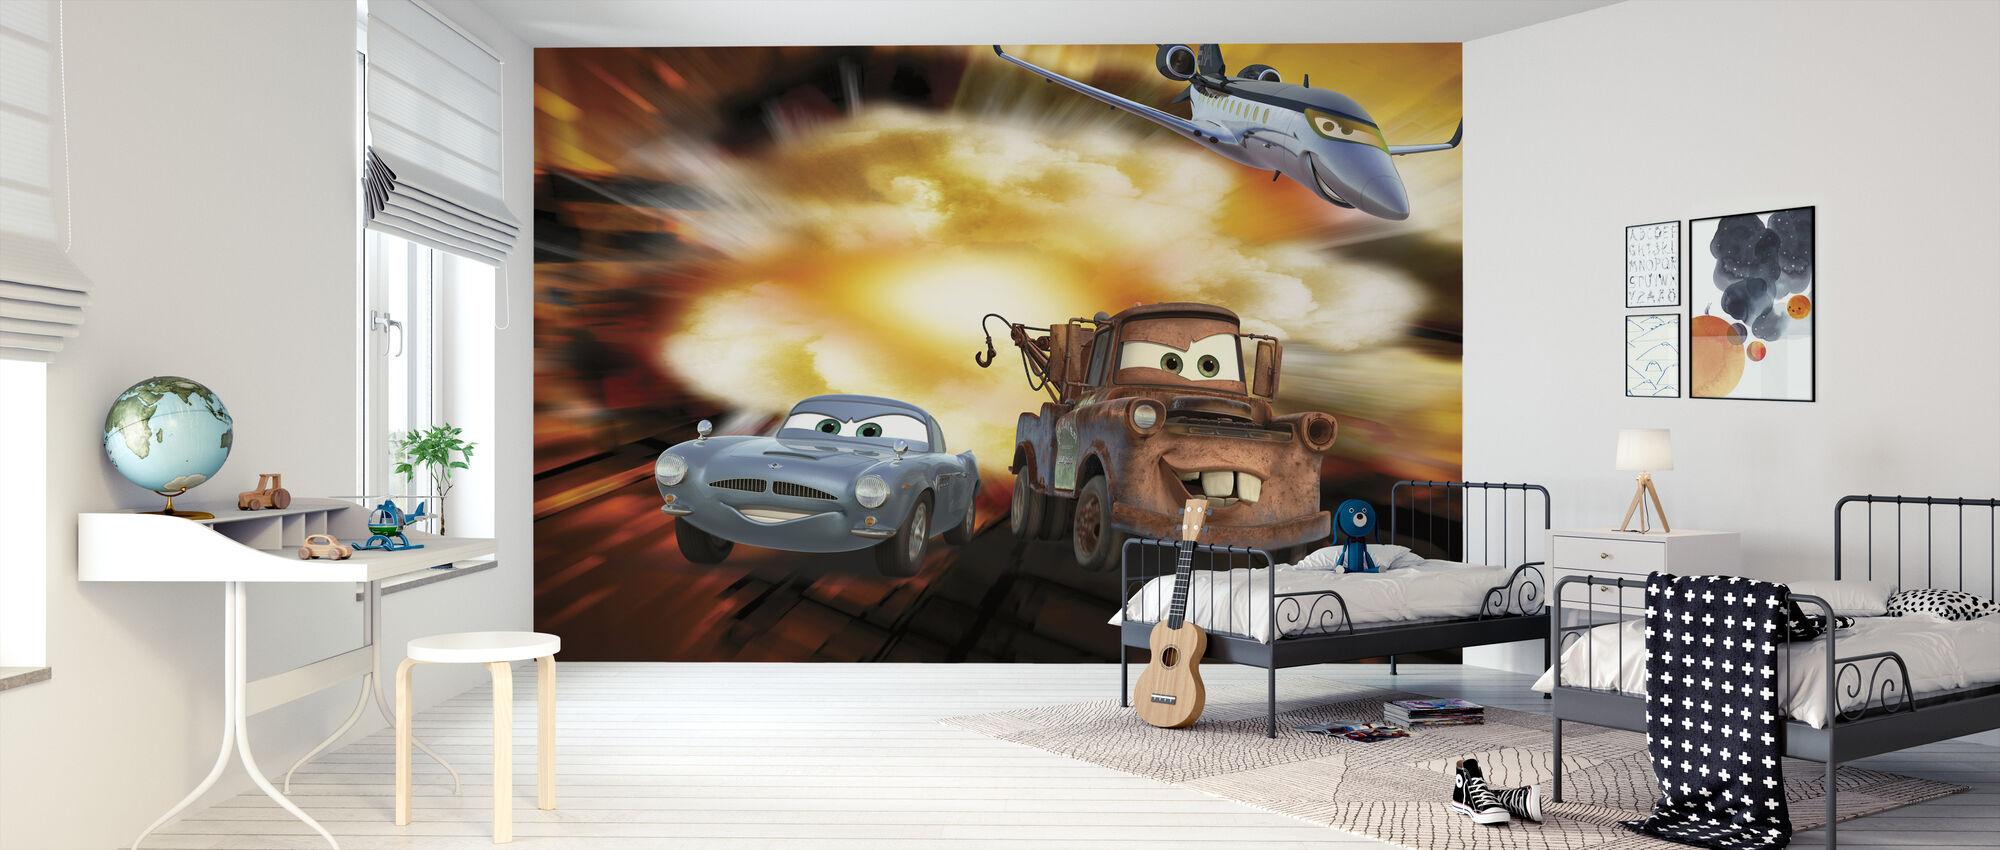 Biler - McQueen, Siddeley og Mater bombe - Tapet - Barnerom